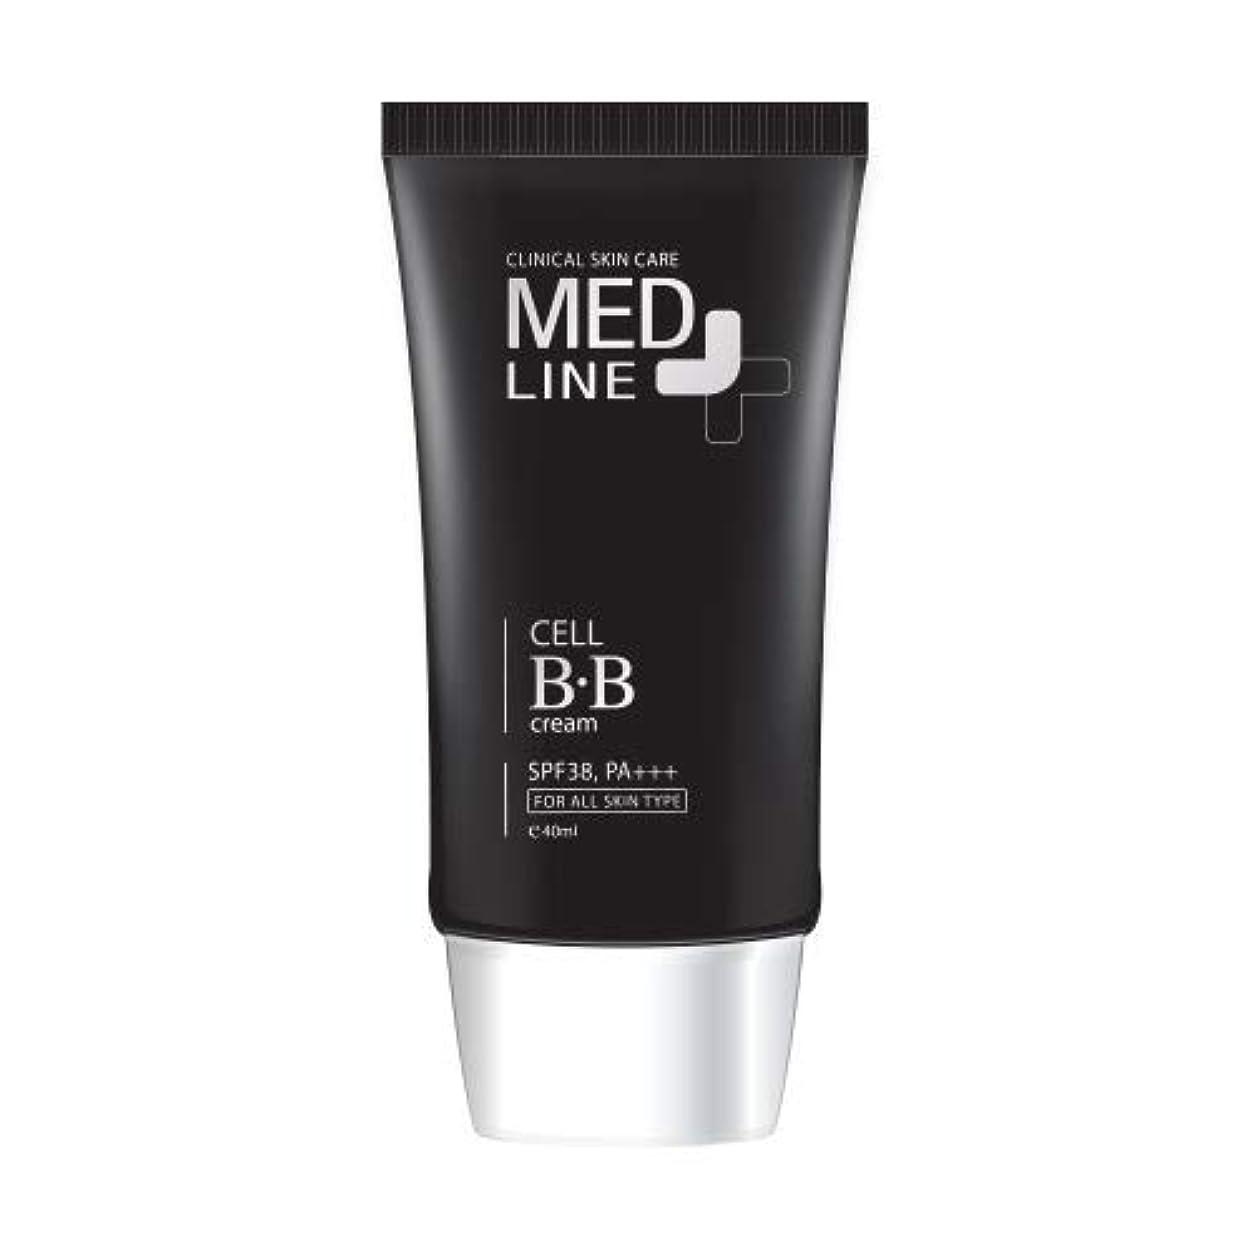 地味な加害者秘書メドライン(Med Line) セルBBクリーム(Cell B.B Cream)